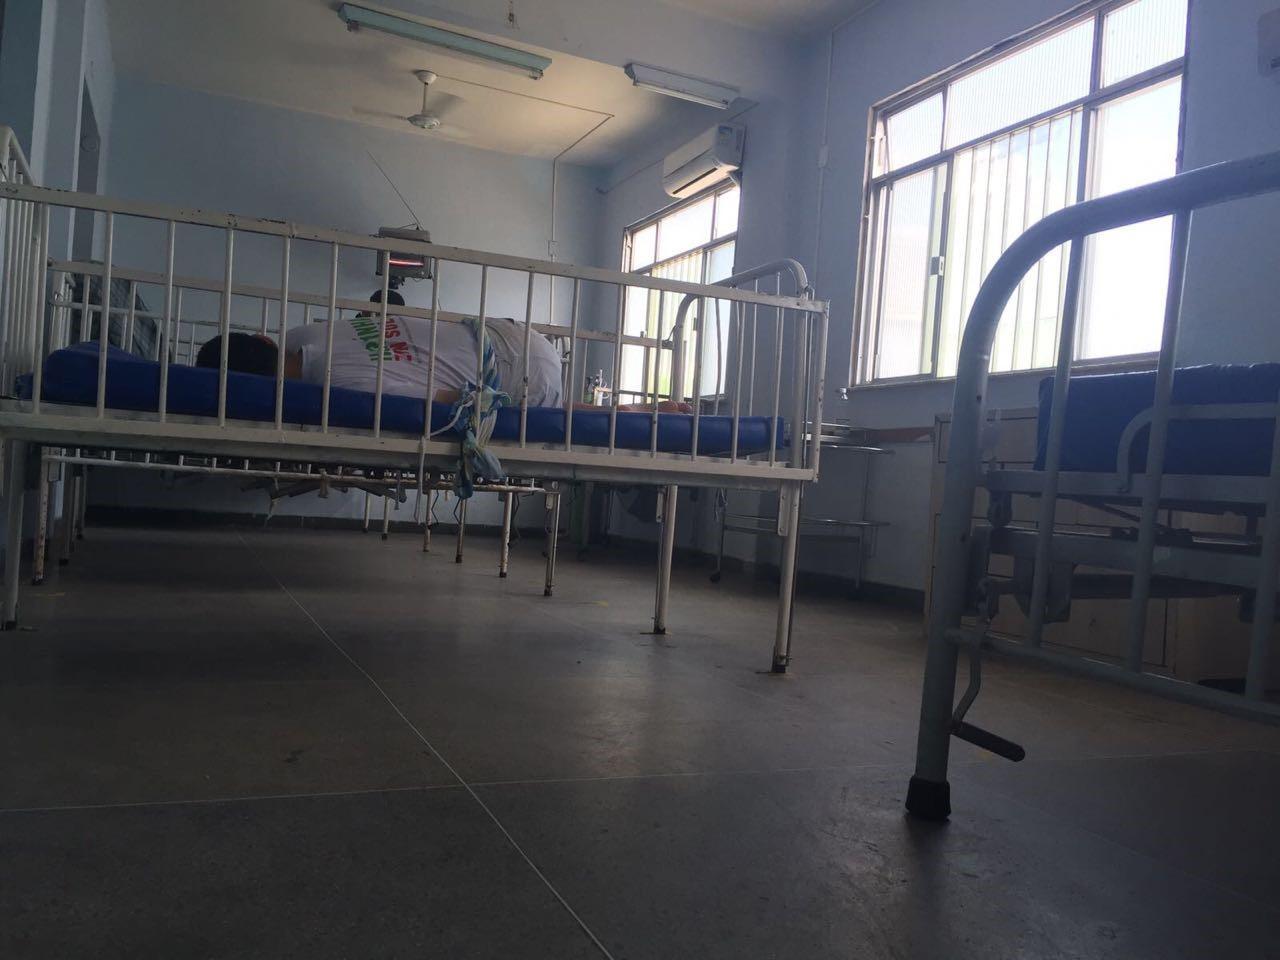 Um homem amarrado à cama pela cintura em uma instituição para pessoas com deficiência no Rio de Janeiro. Funcionários em algumas instituições no Brasil restringem o movimento de pessoas com deficiência por prolongados períodos a fim de controlá-las.